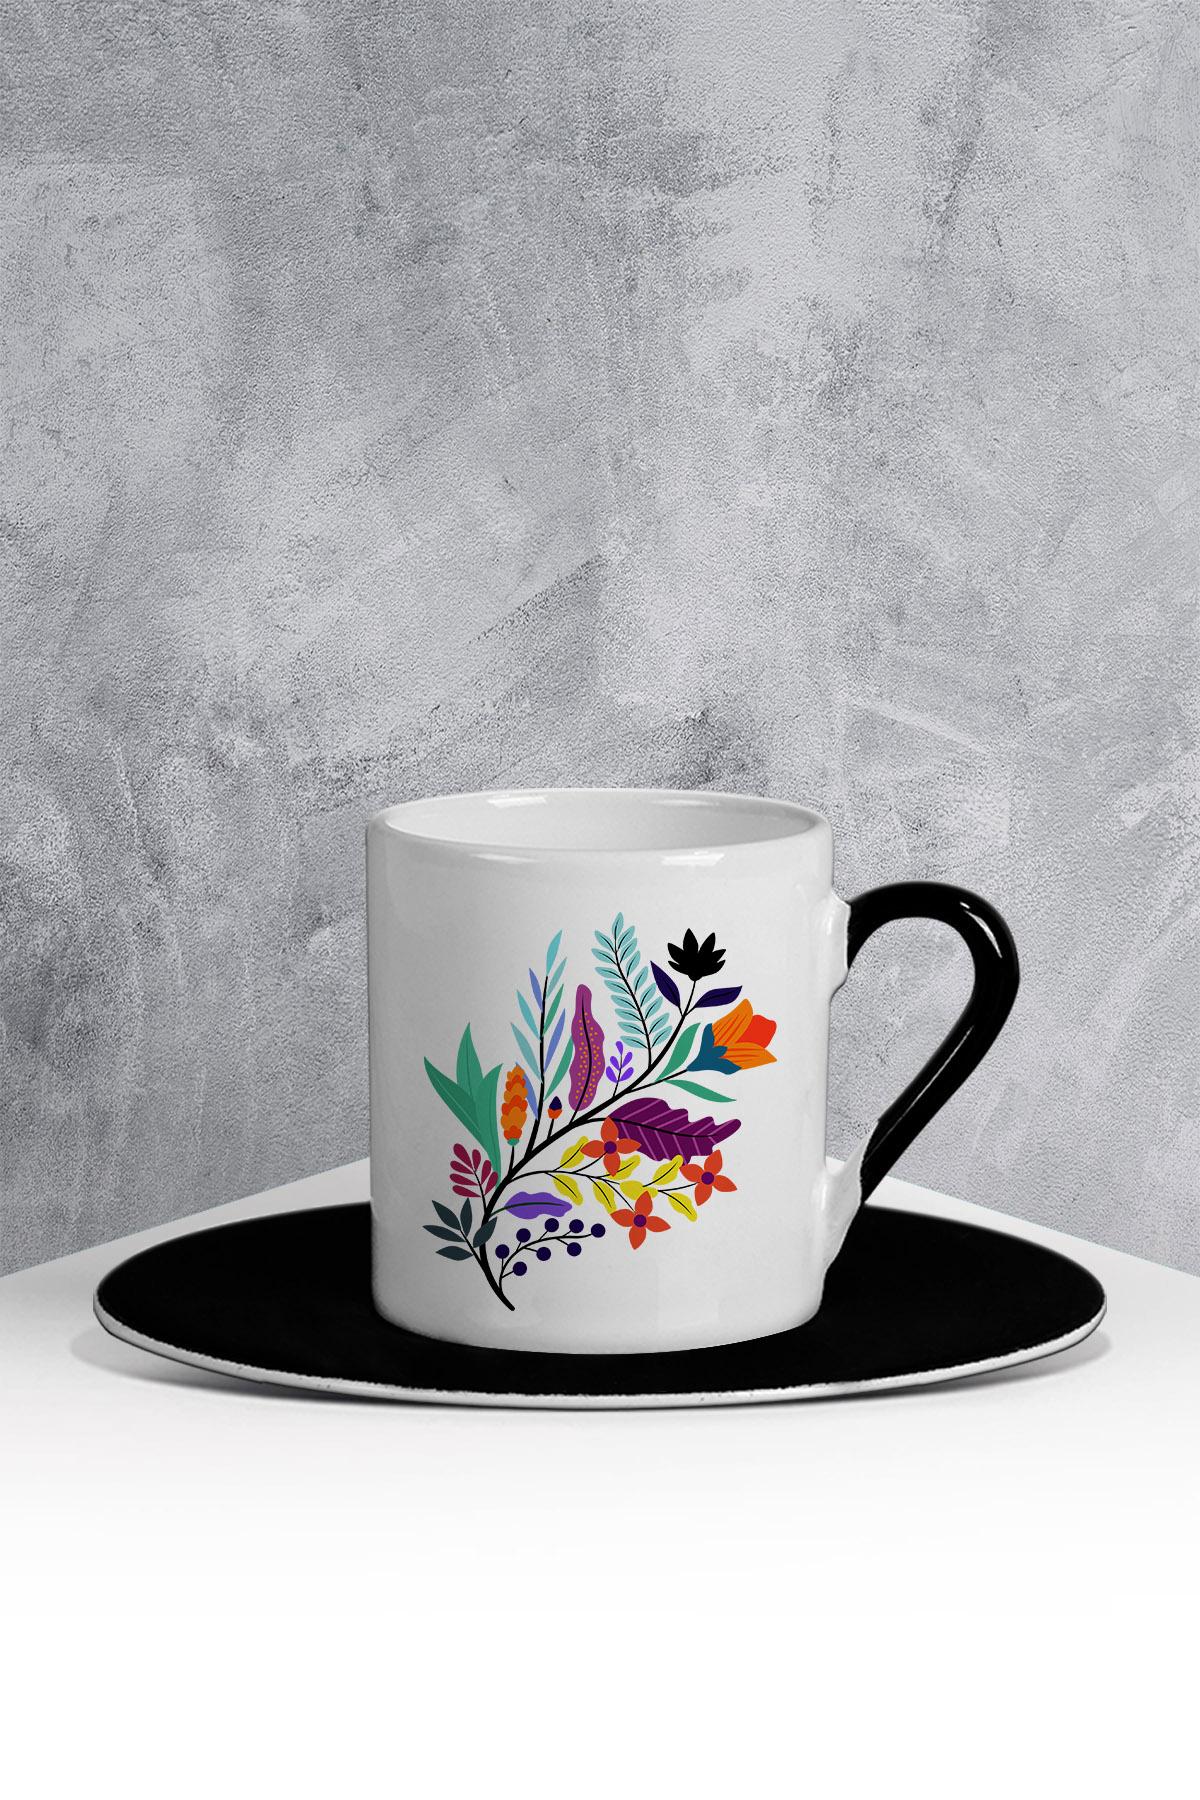 كوب قهوة أسود أبيض بطبعة ورود